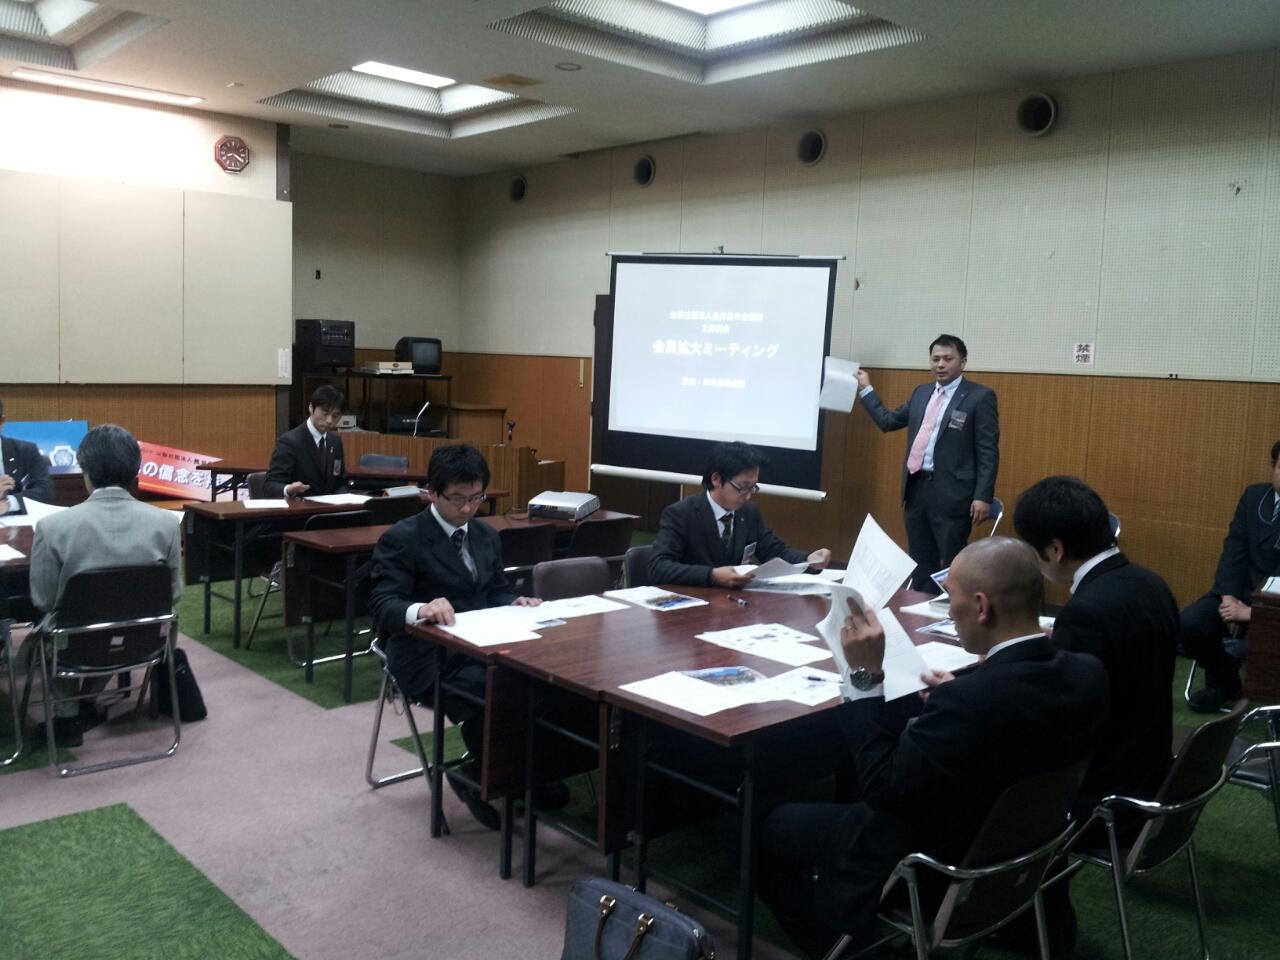 2月例会 会員拡大ミーティング開催:画像